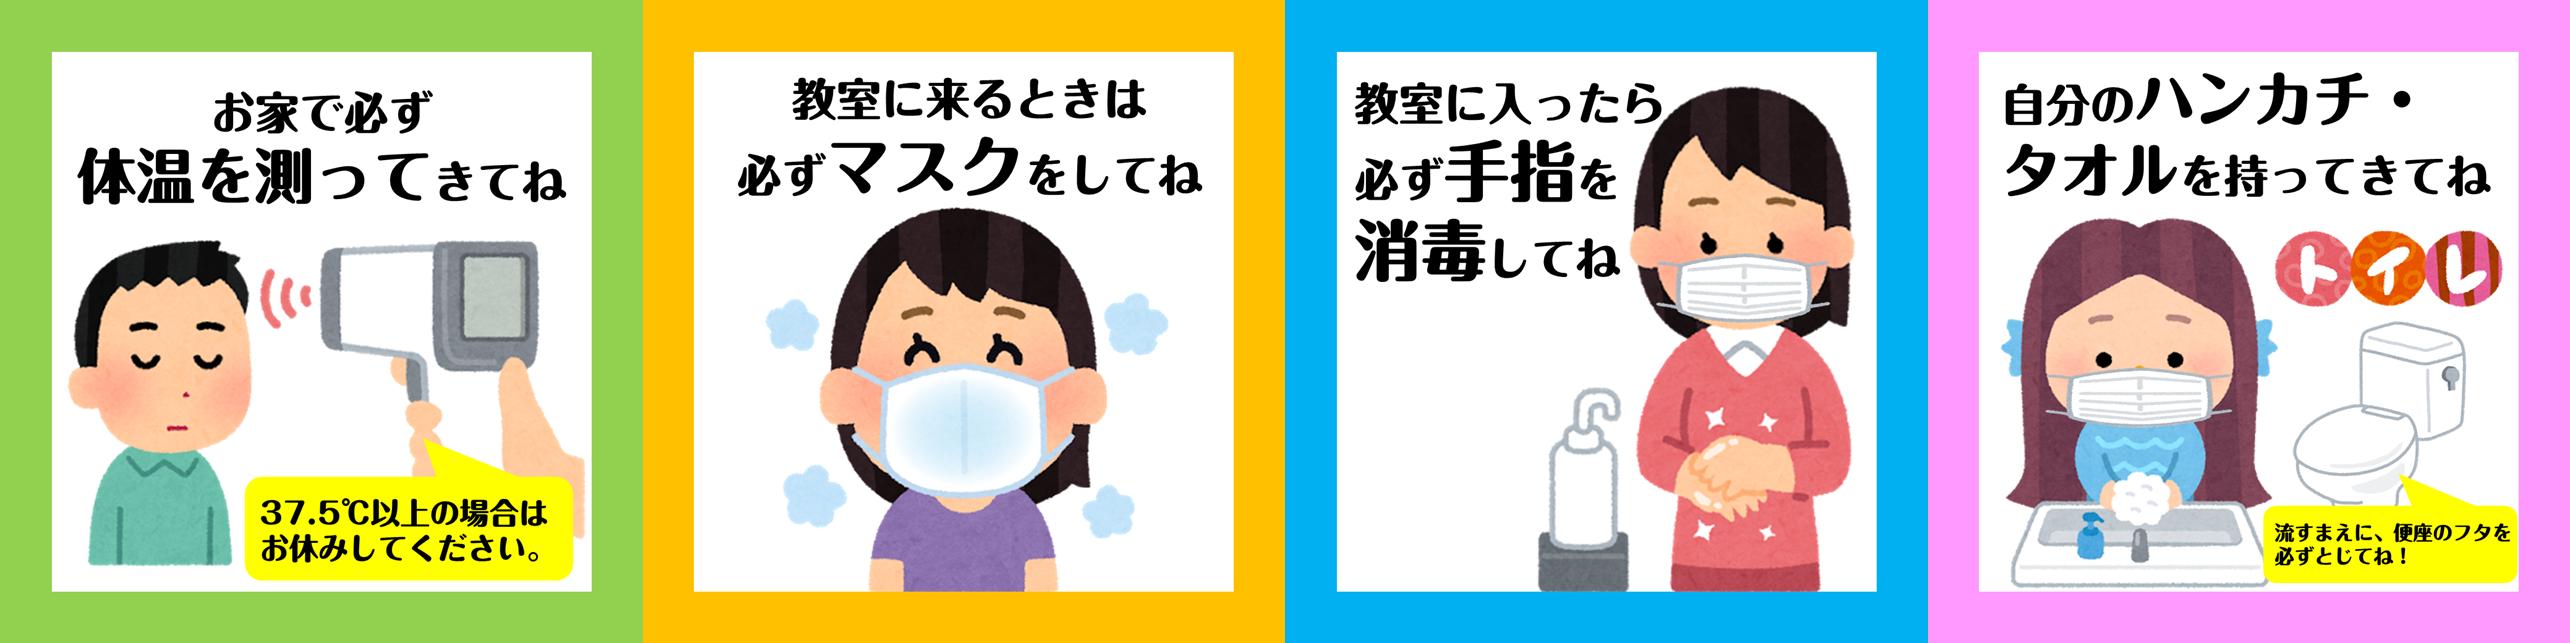 山科 塾 六地蔵 コロナ 対策